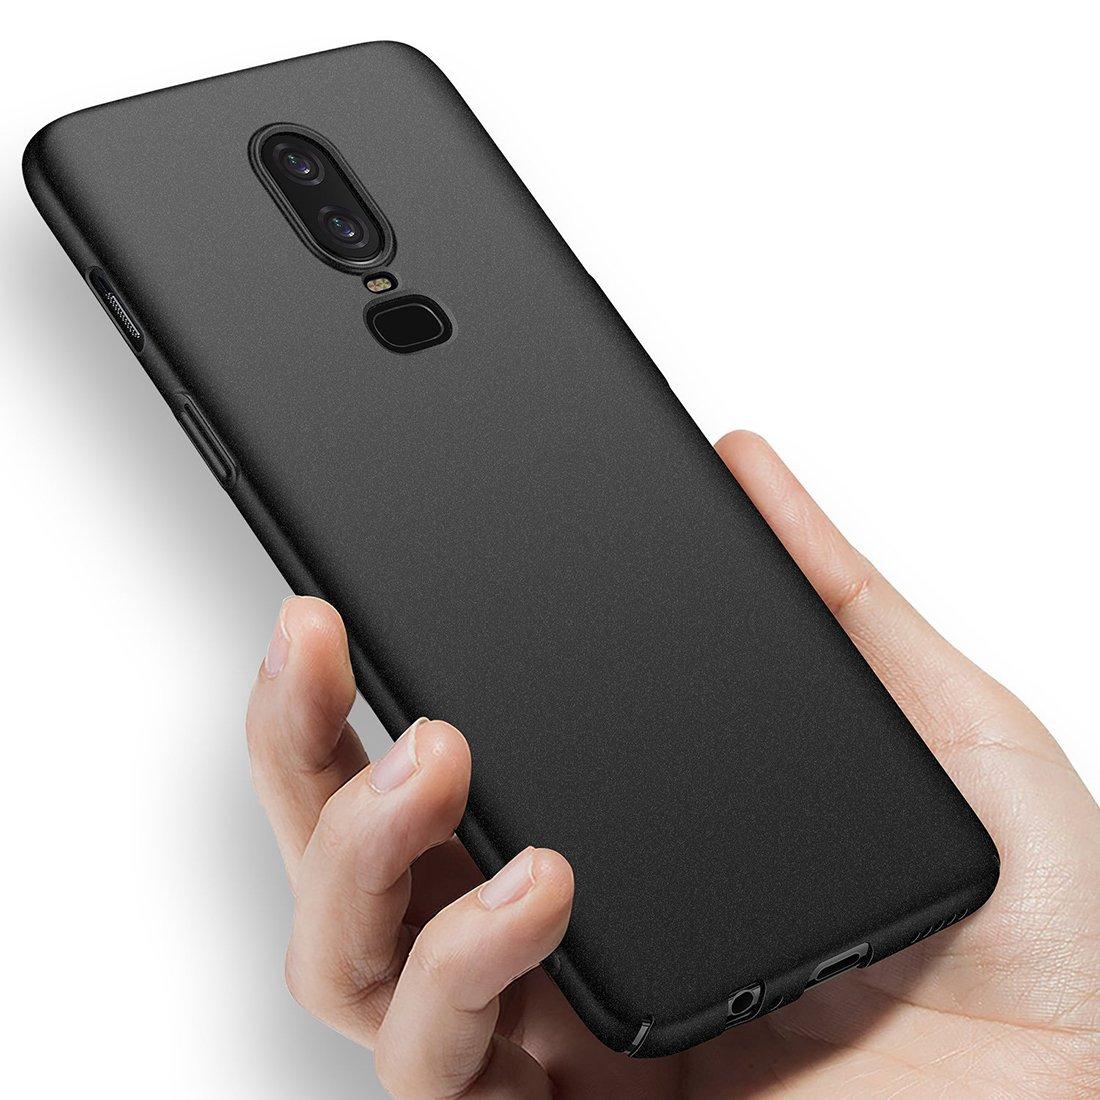 ✔ Ultra Slim Coque Etui Housse pour OnePlus 6 Fine Noir KoldKase Coque OnePlus 6 L/ég/ère ✔ Haute Pr/écision ✔ Solide ✔ Meilleure Garantie